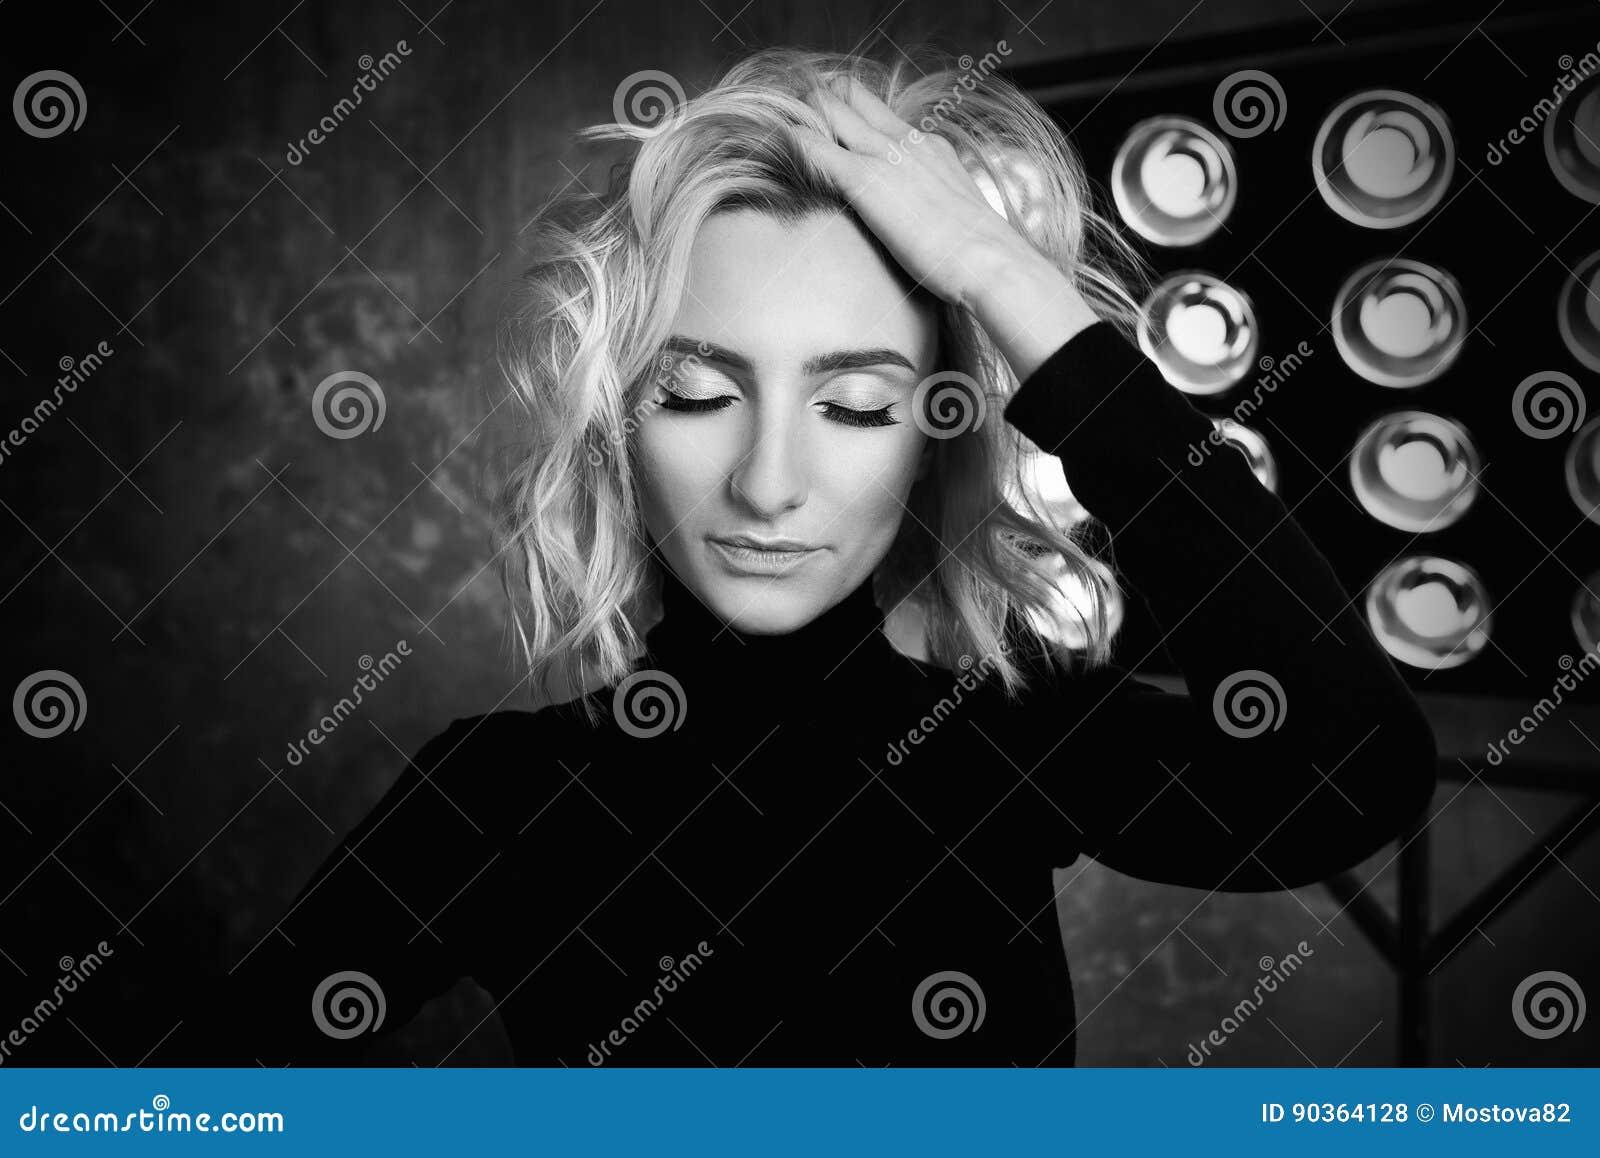 Czarny i biały portret młoda elegancka piękna atrakcyjna kędzierzawa dziewczyna w czarnym pulowerze na scenie